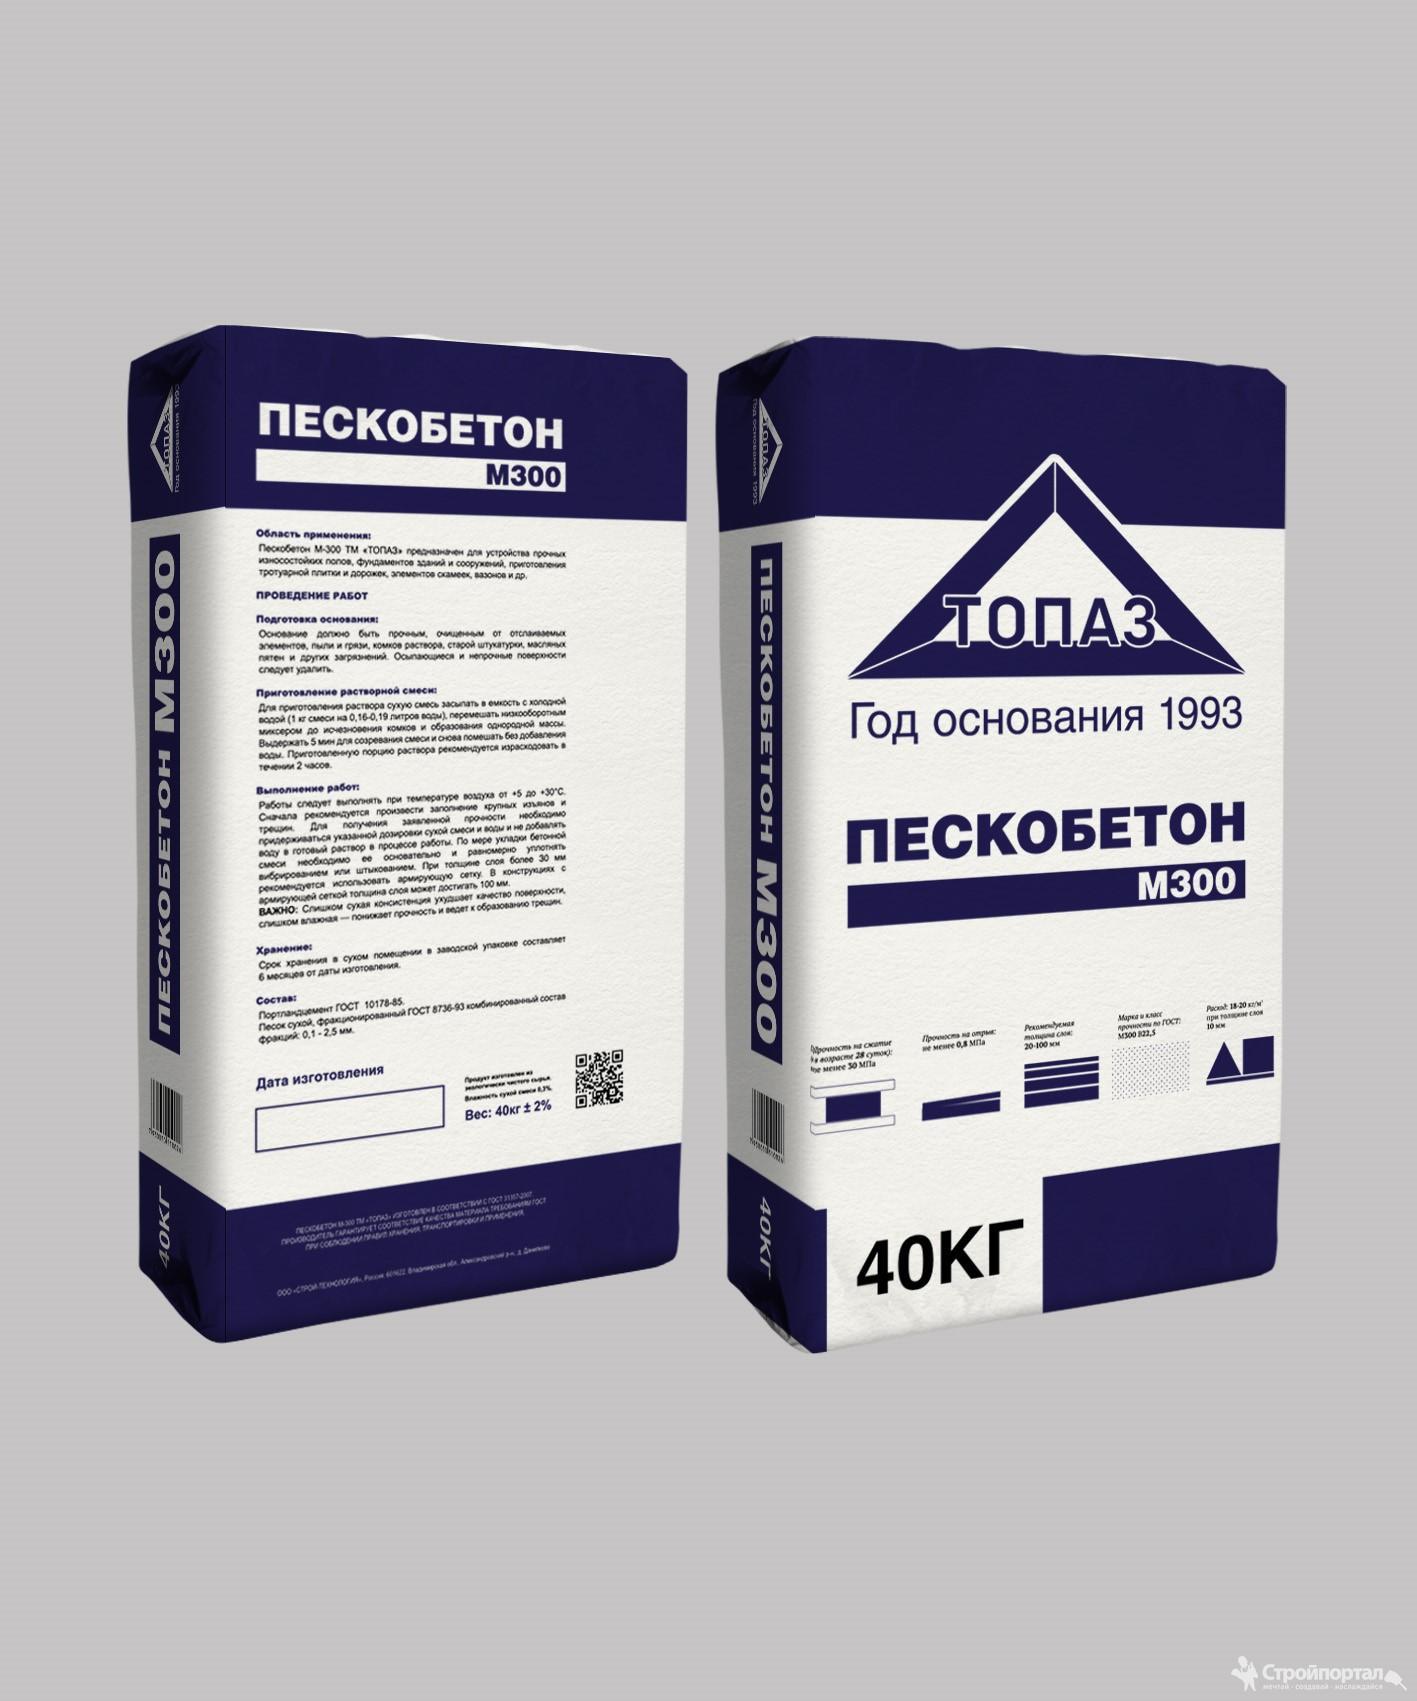 Бетон м300: характеристики и область применения